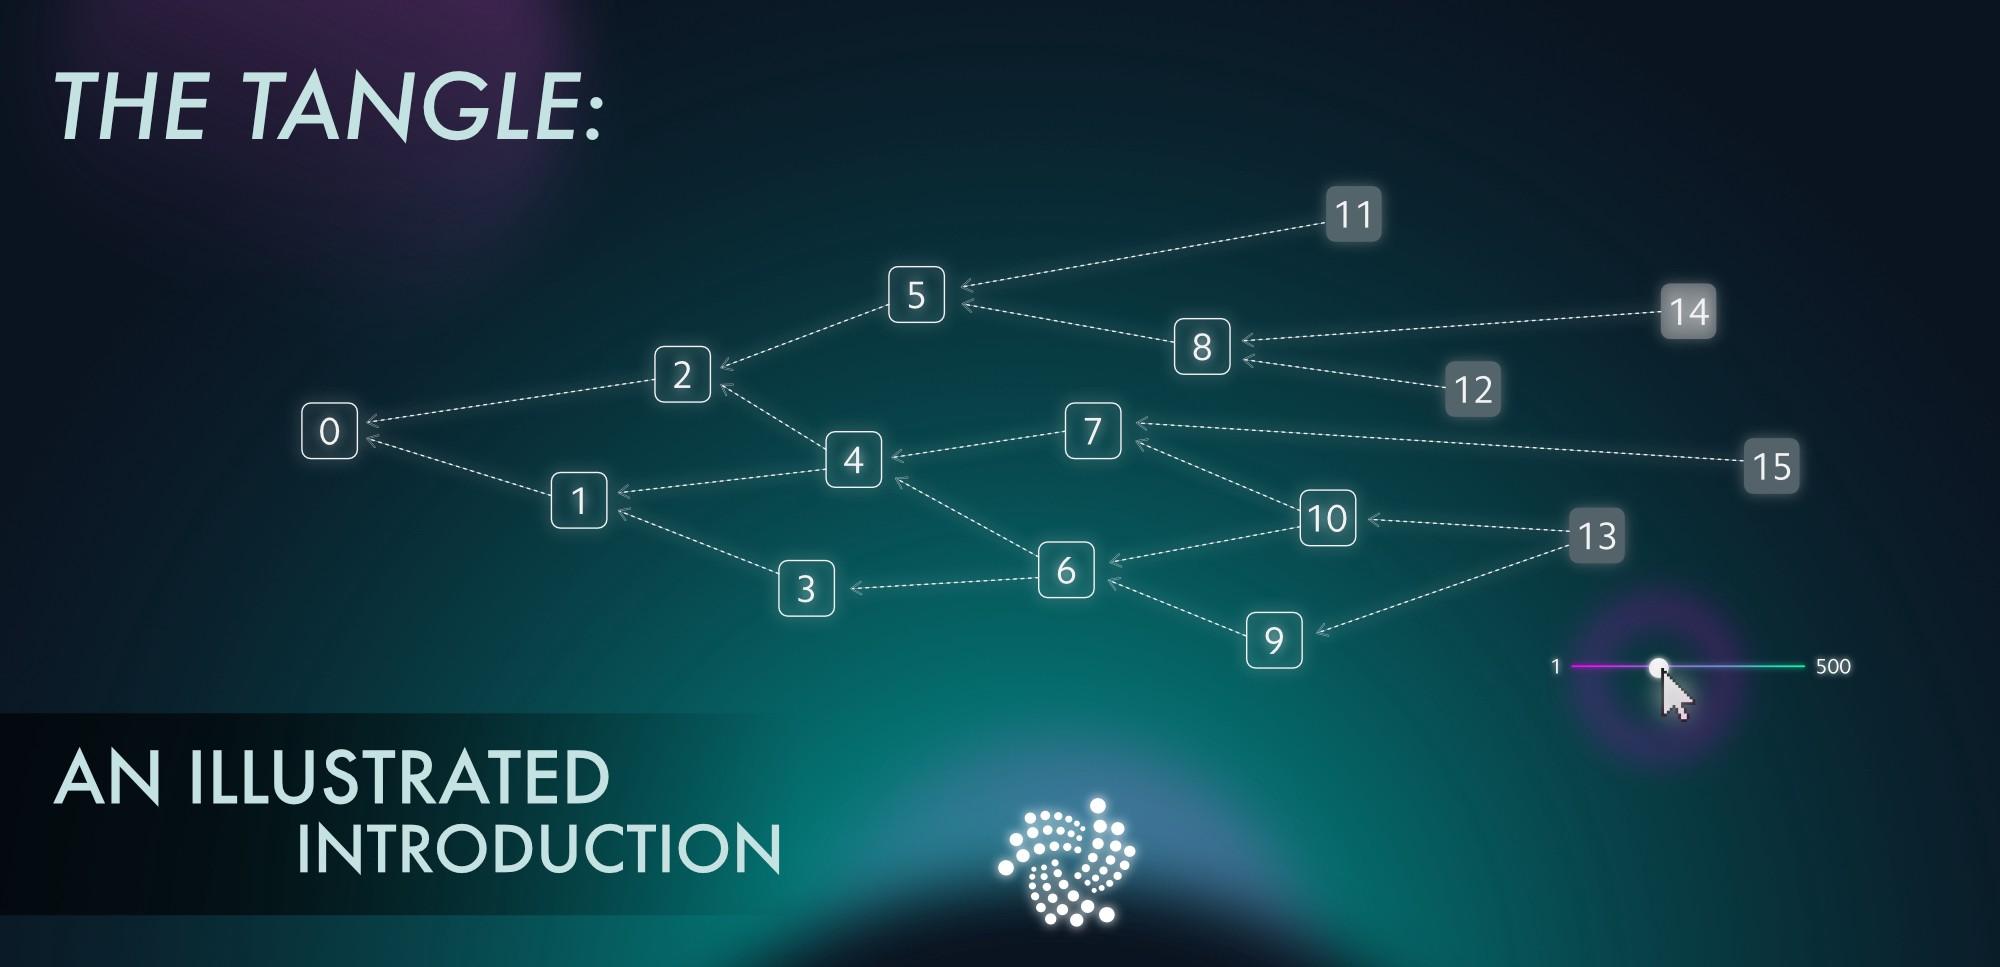 Screenshot: The Tangle // Source: iota.org